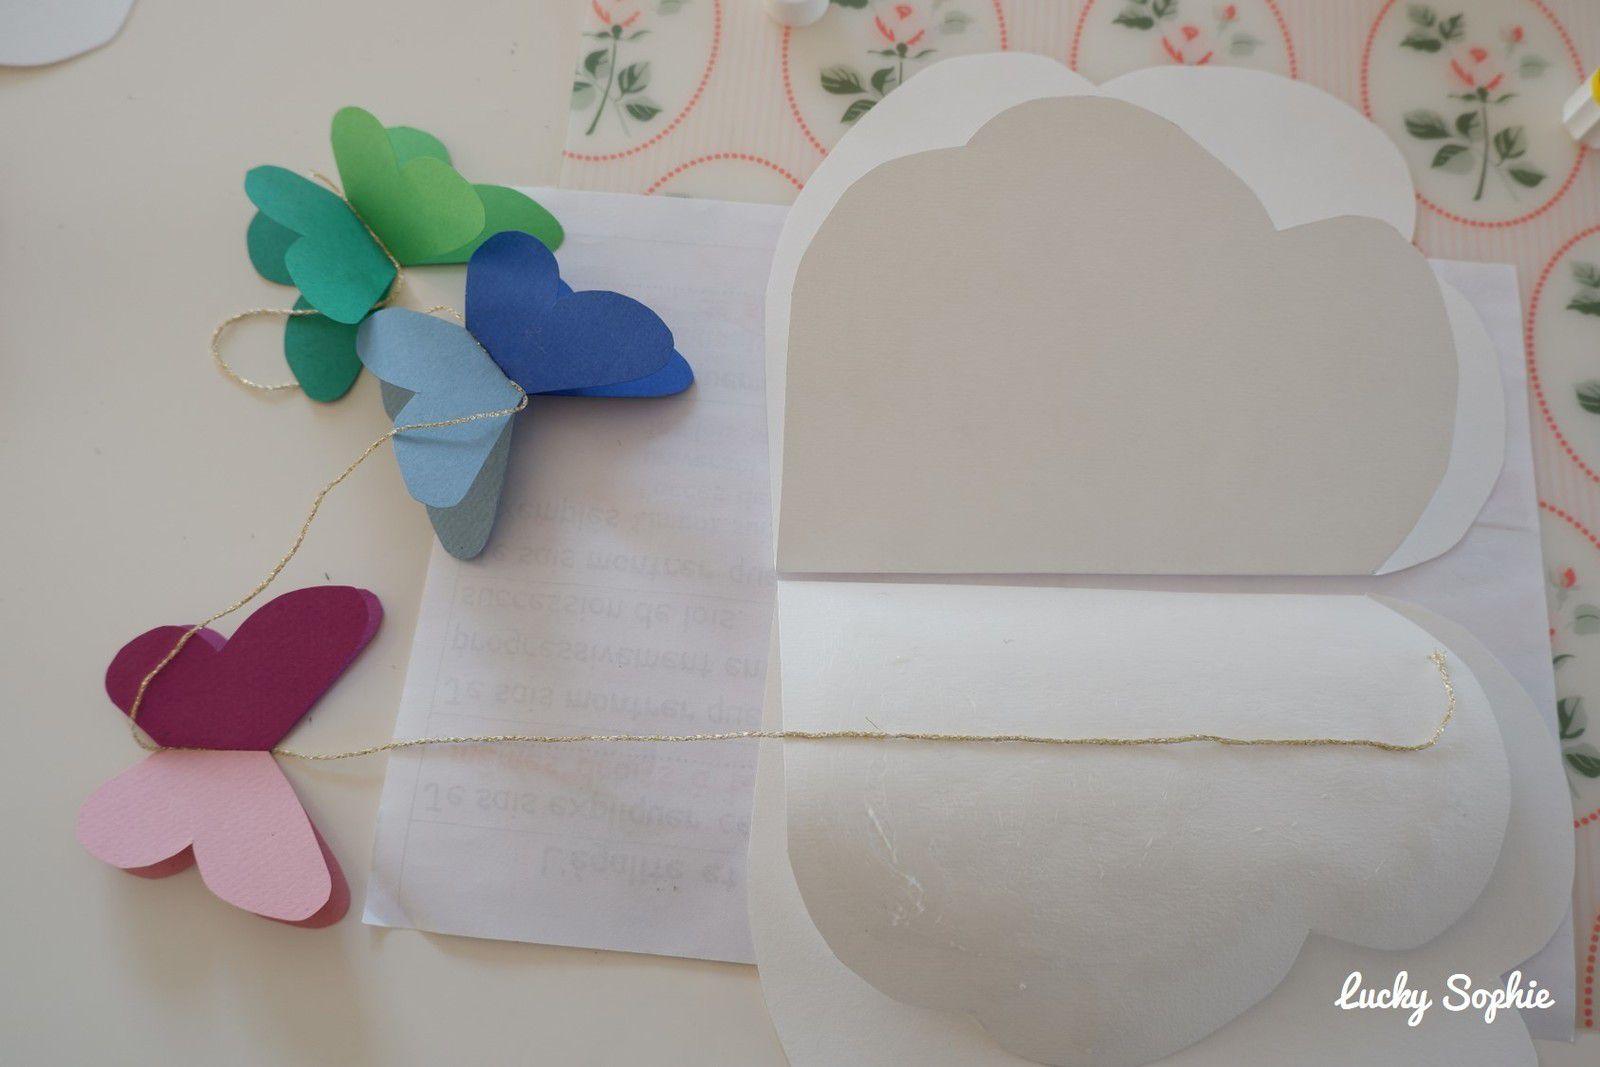 Mobile papillons en papier DIY